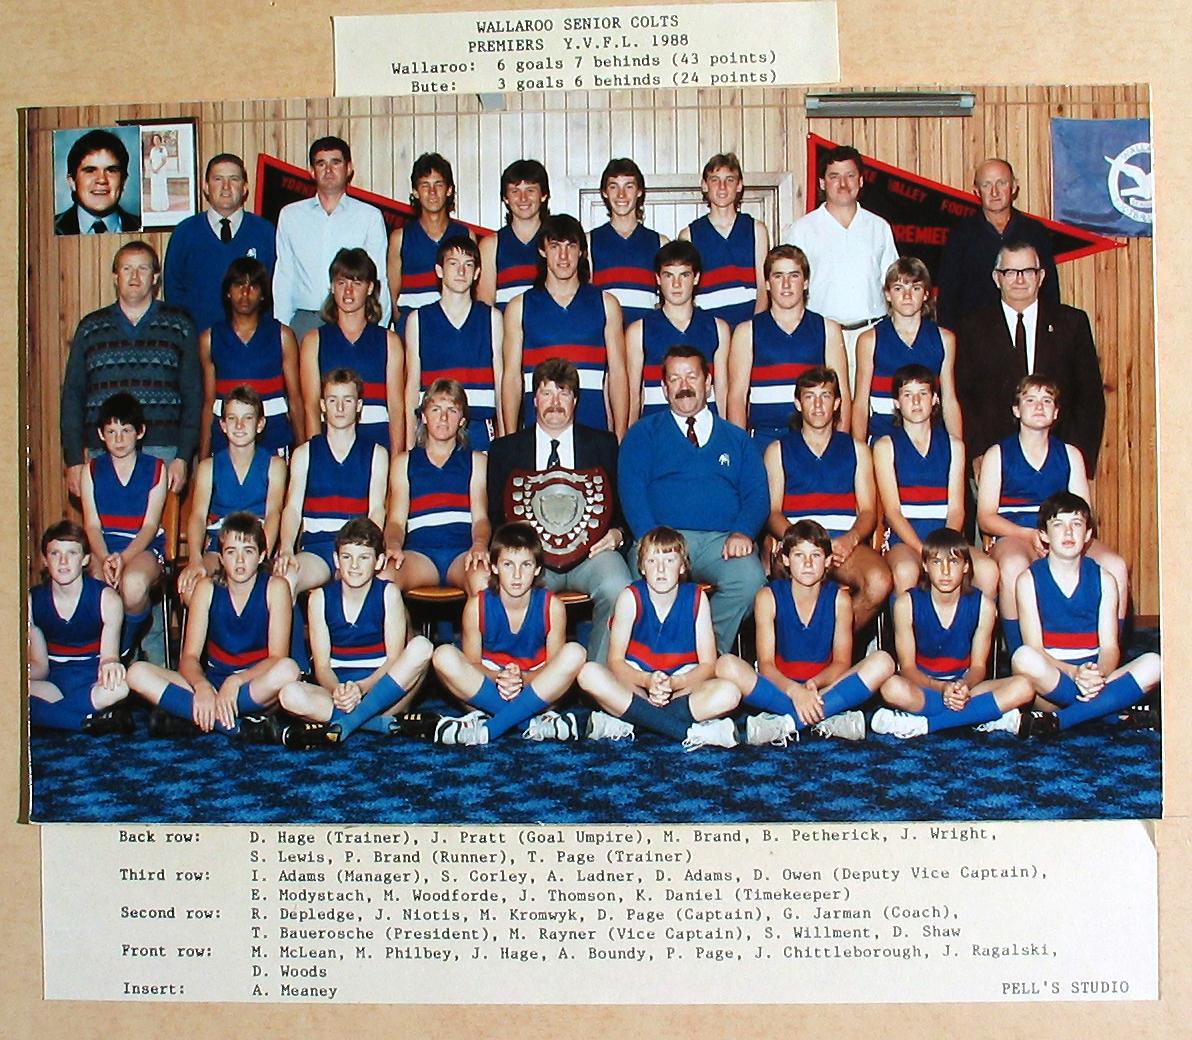 Senior Colts Premiers 1988